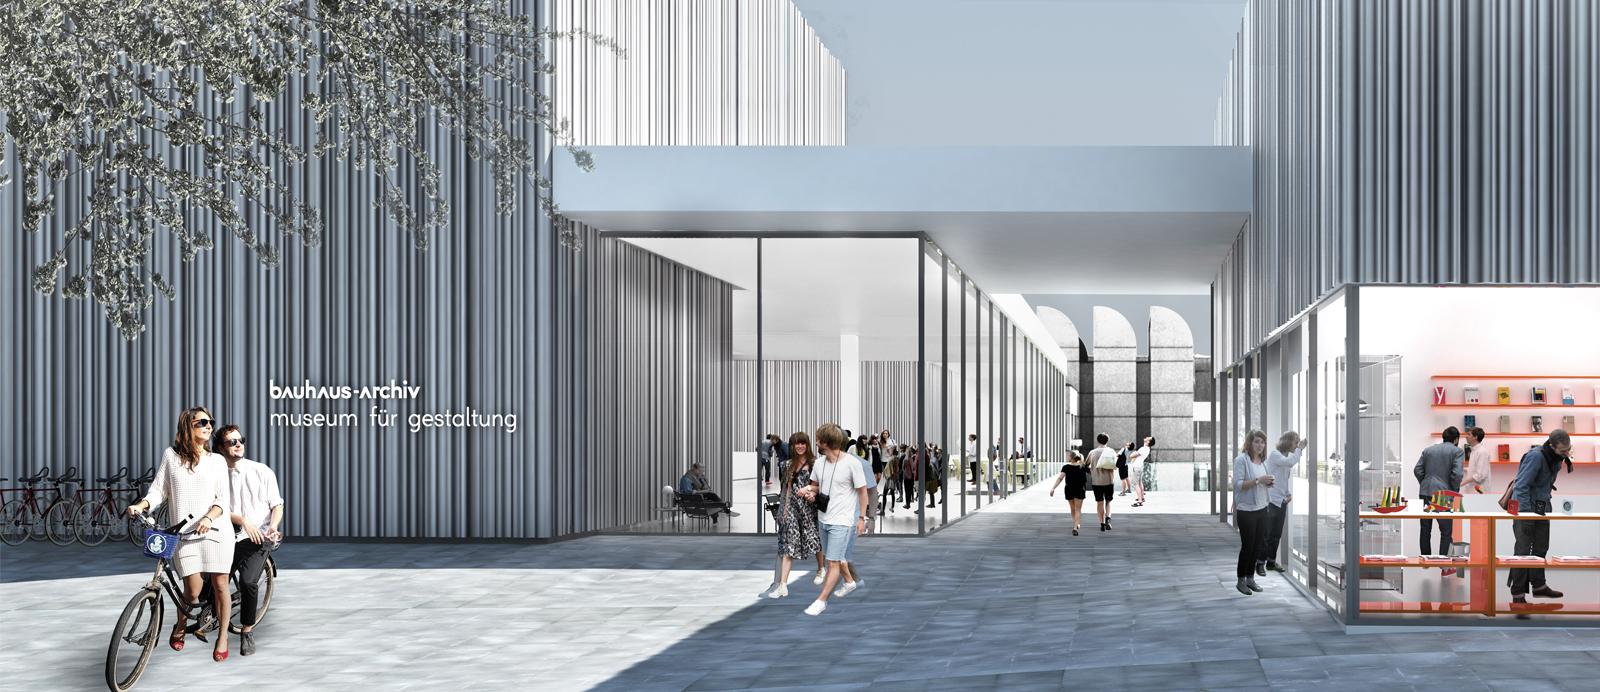 Bauhaus Archiv Berlin Sinning Architekten